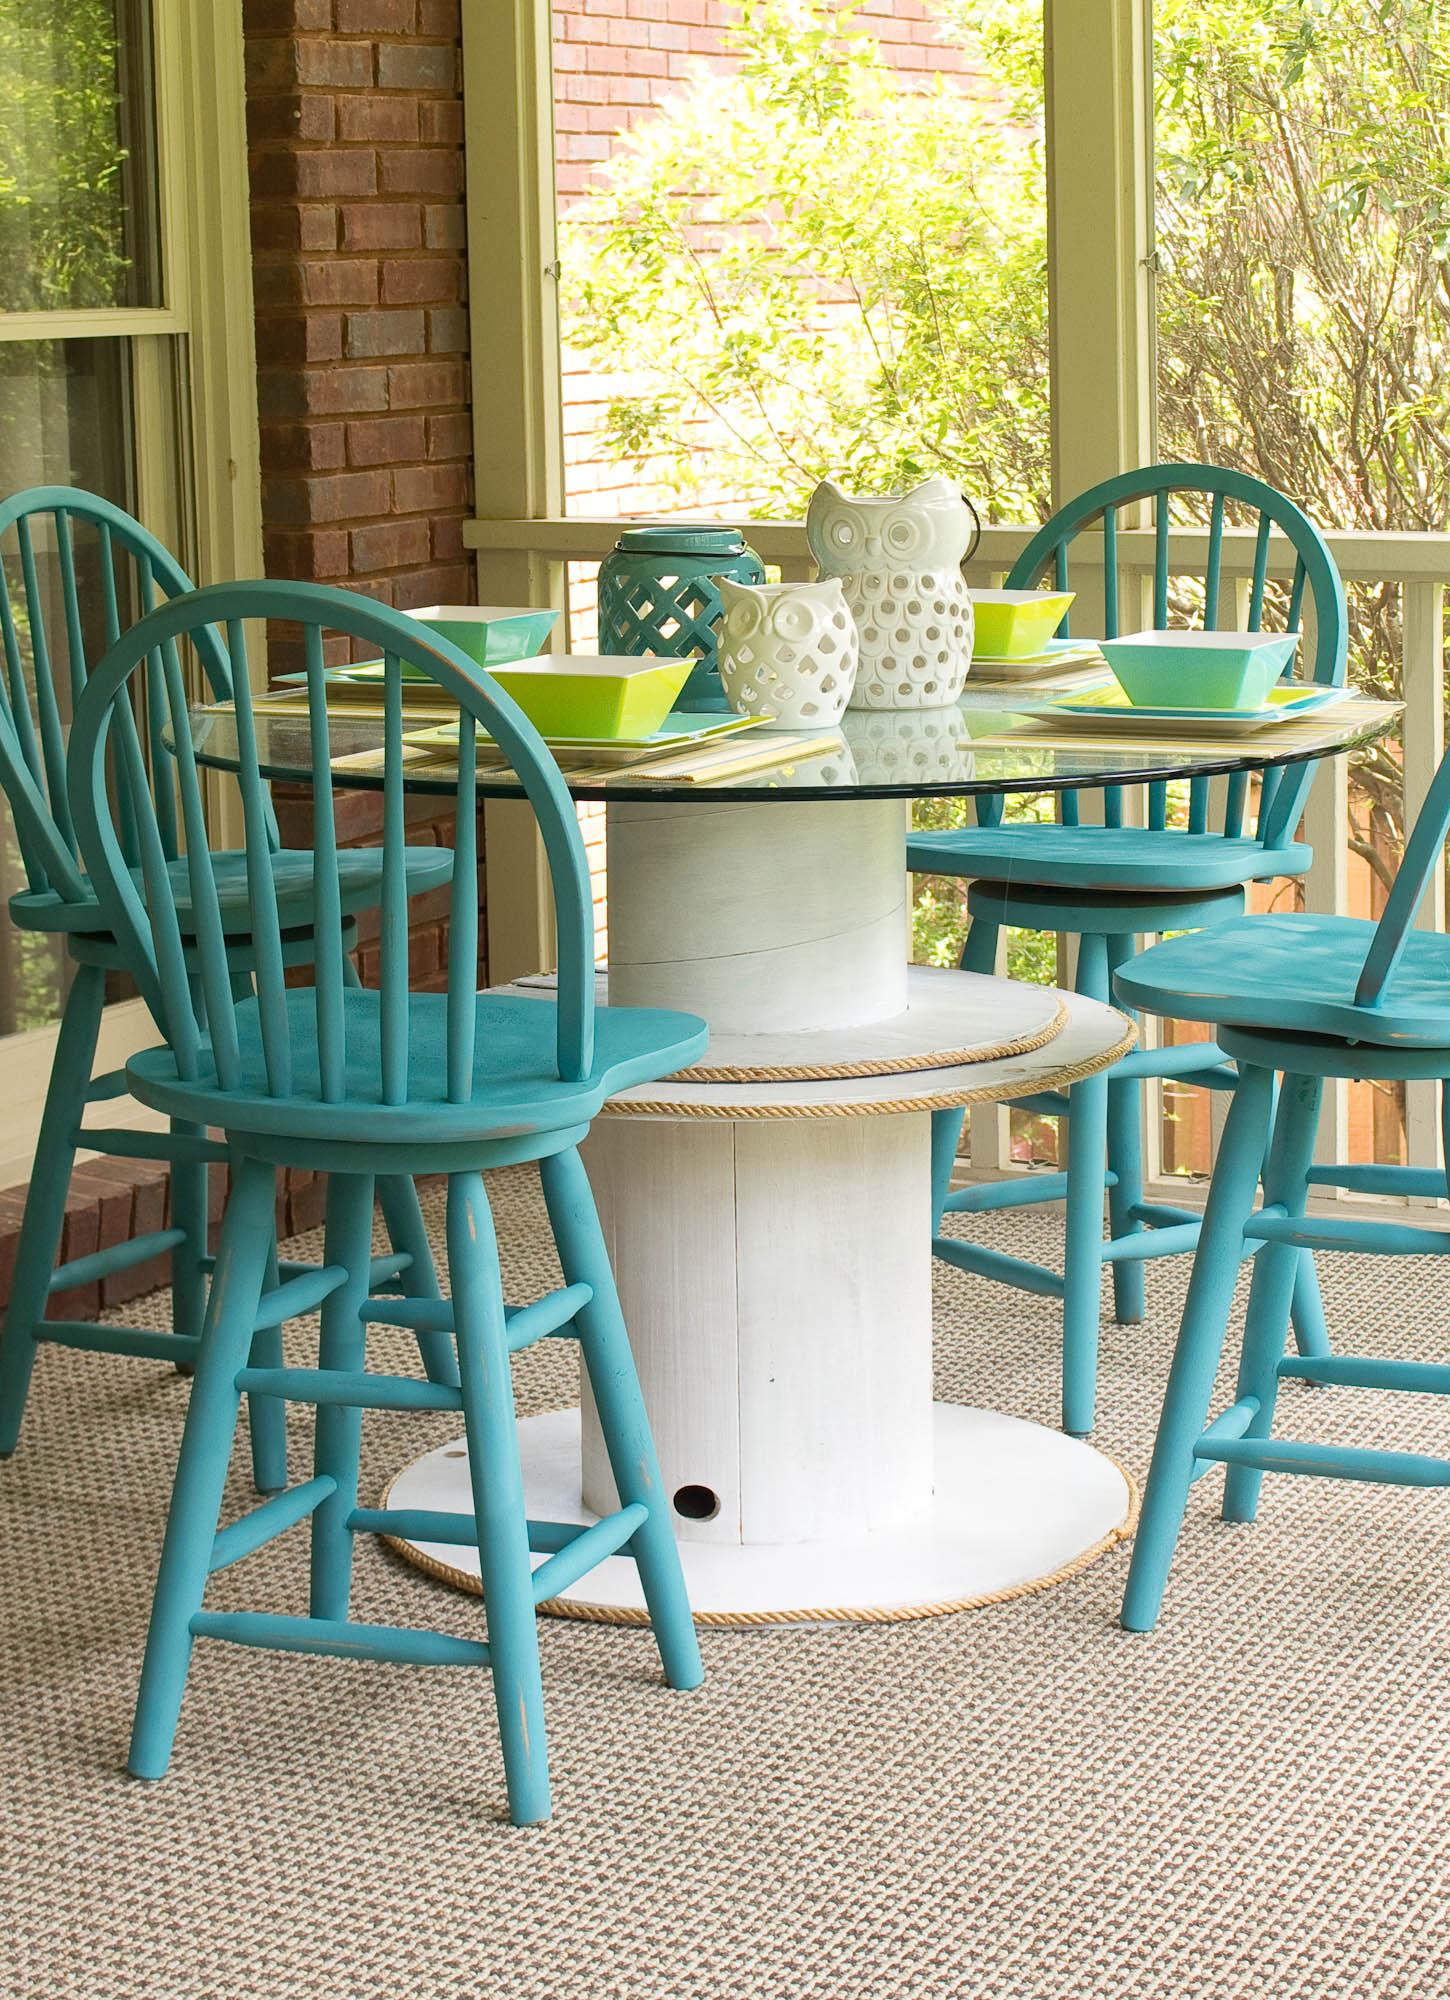 la table en touret astuces et id es pour customiser la meilleure trouvaille r cup de l ann e. Black Bedroom Furniture Sets. Home Design Ideas